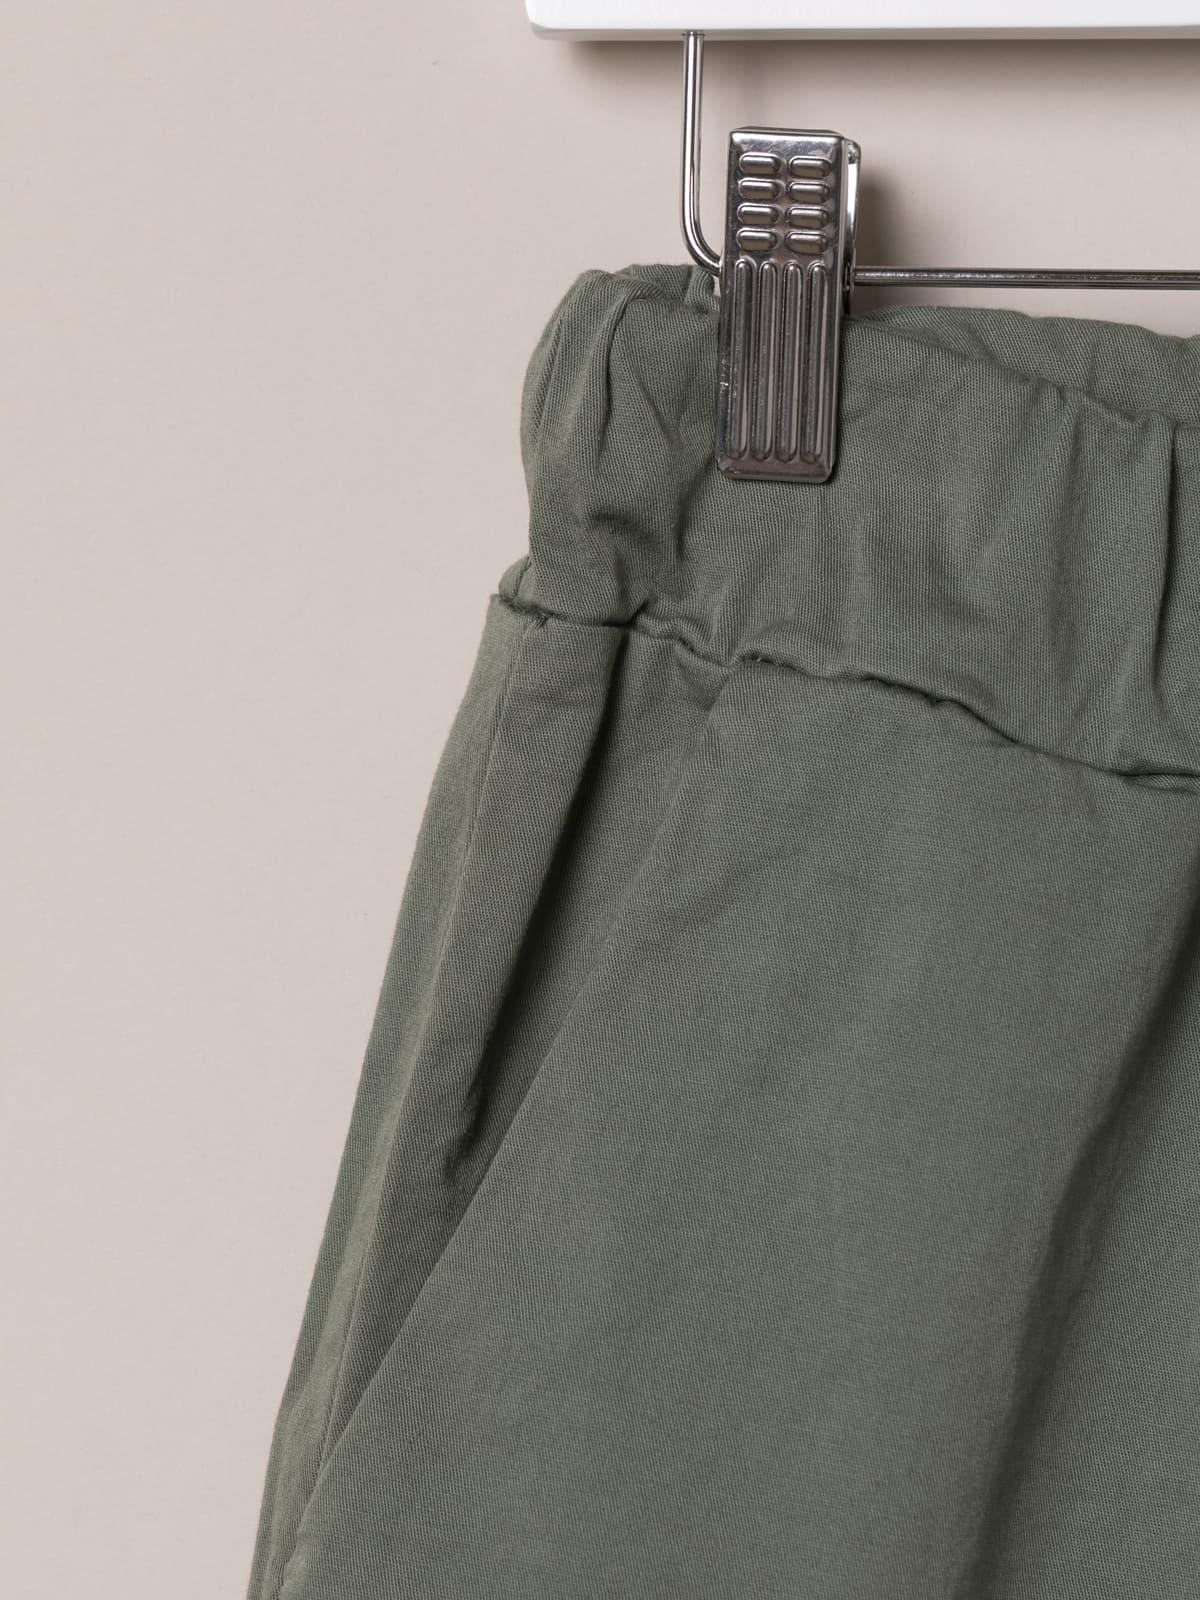 Bermuda mujer básica goma en cintura Caqui